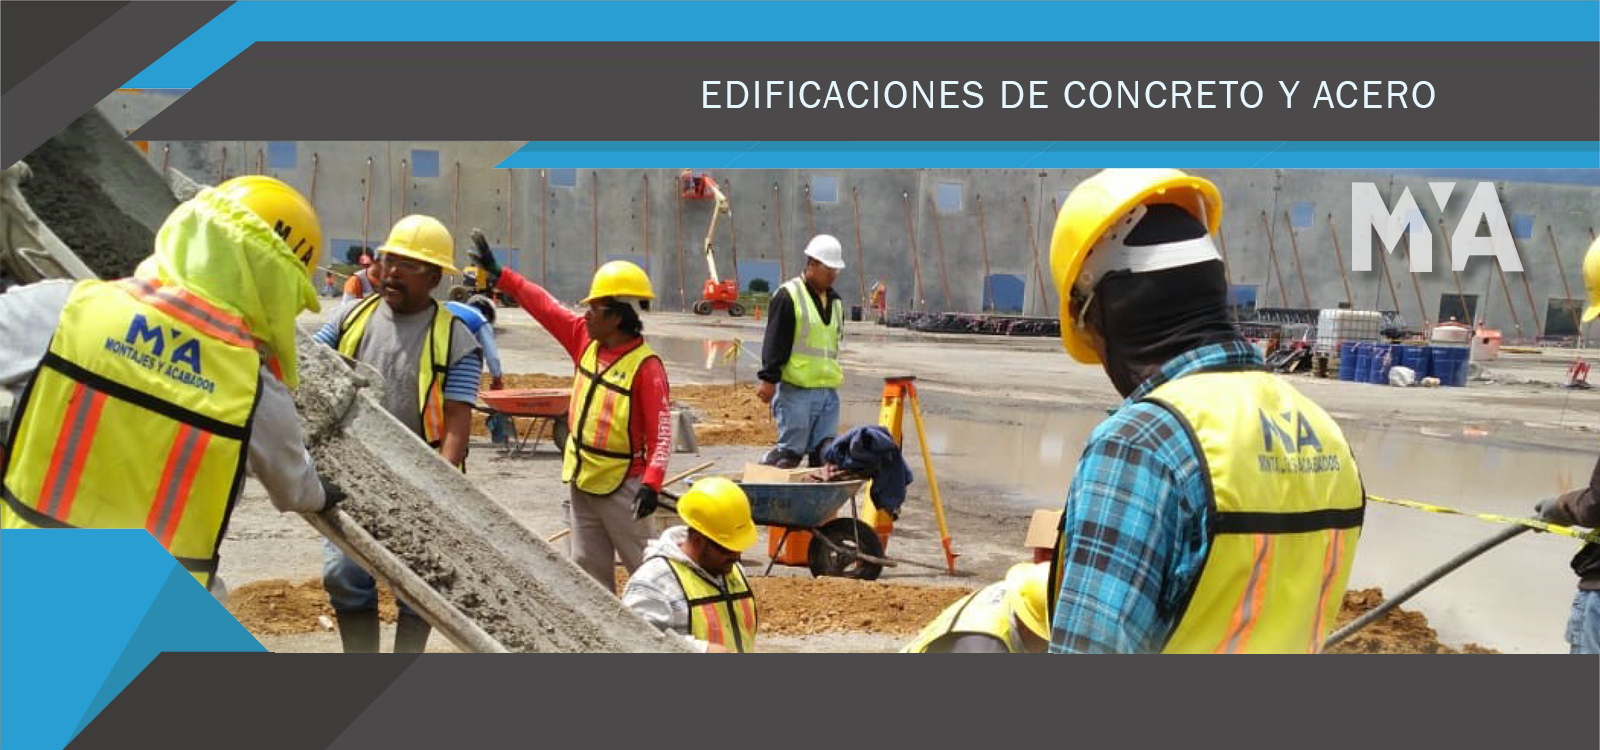 obra_civil_remodelacion_toluca-mexico